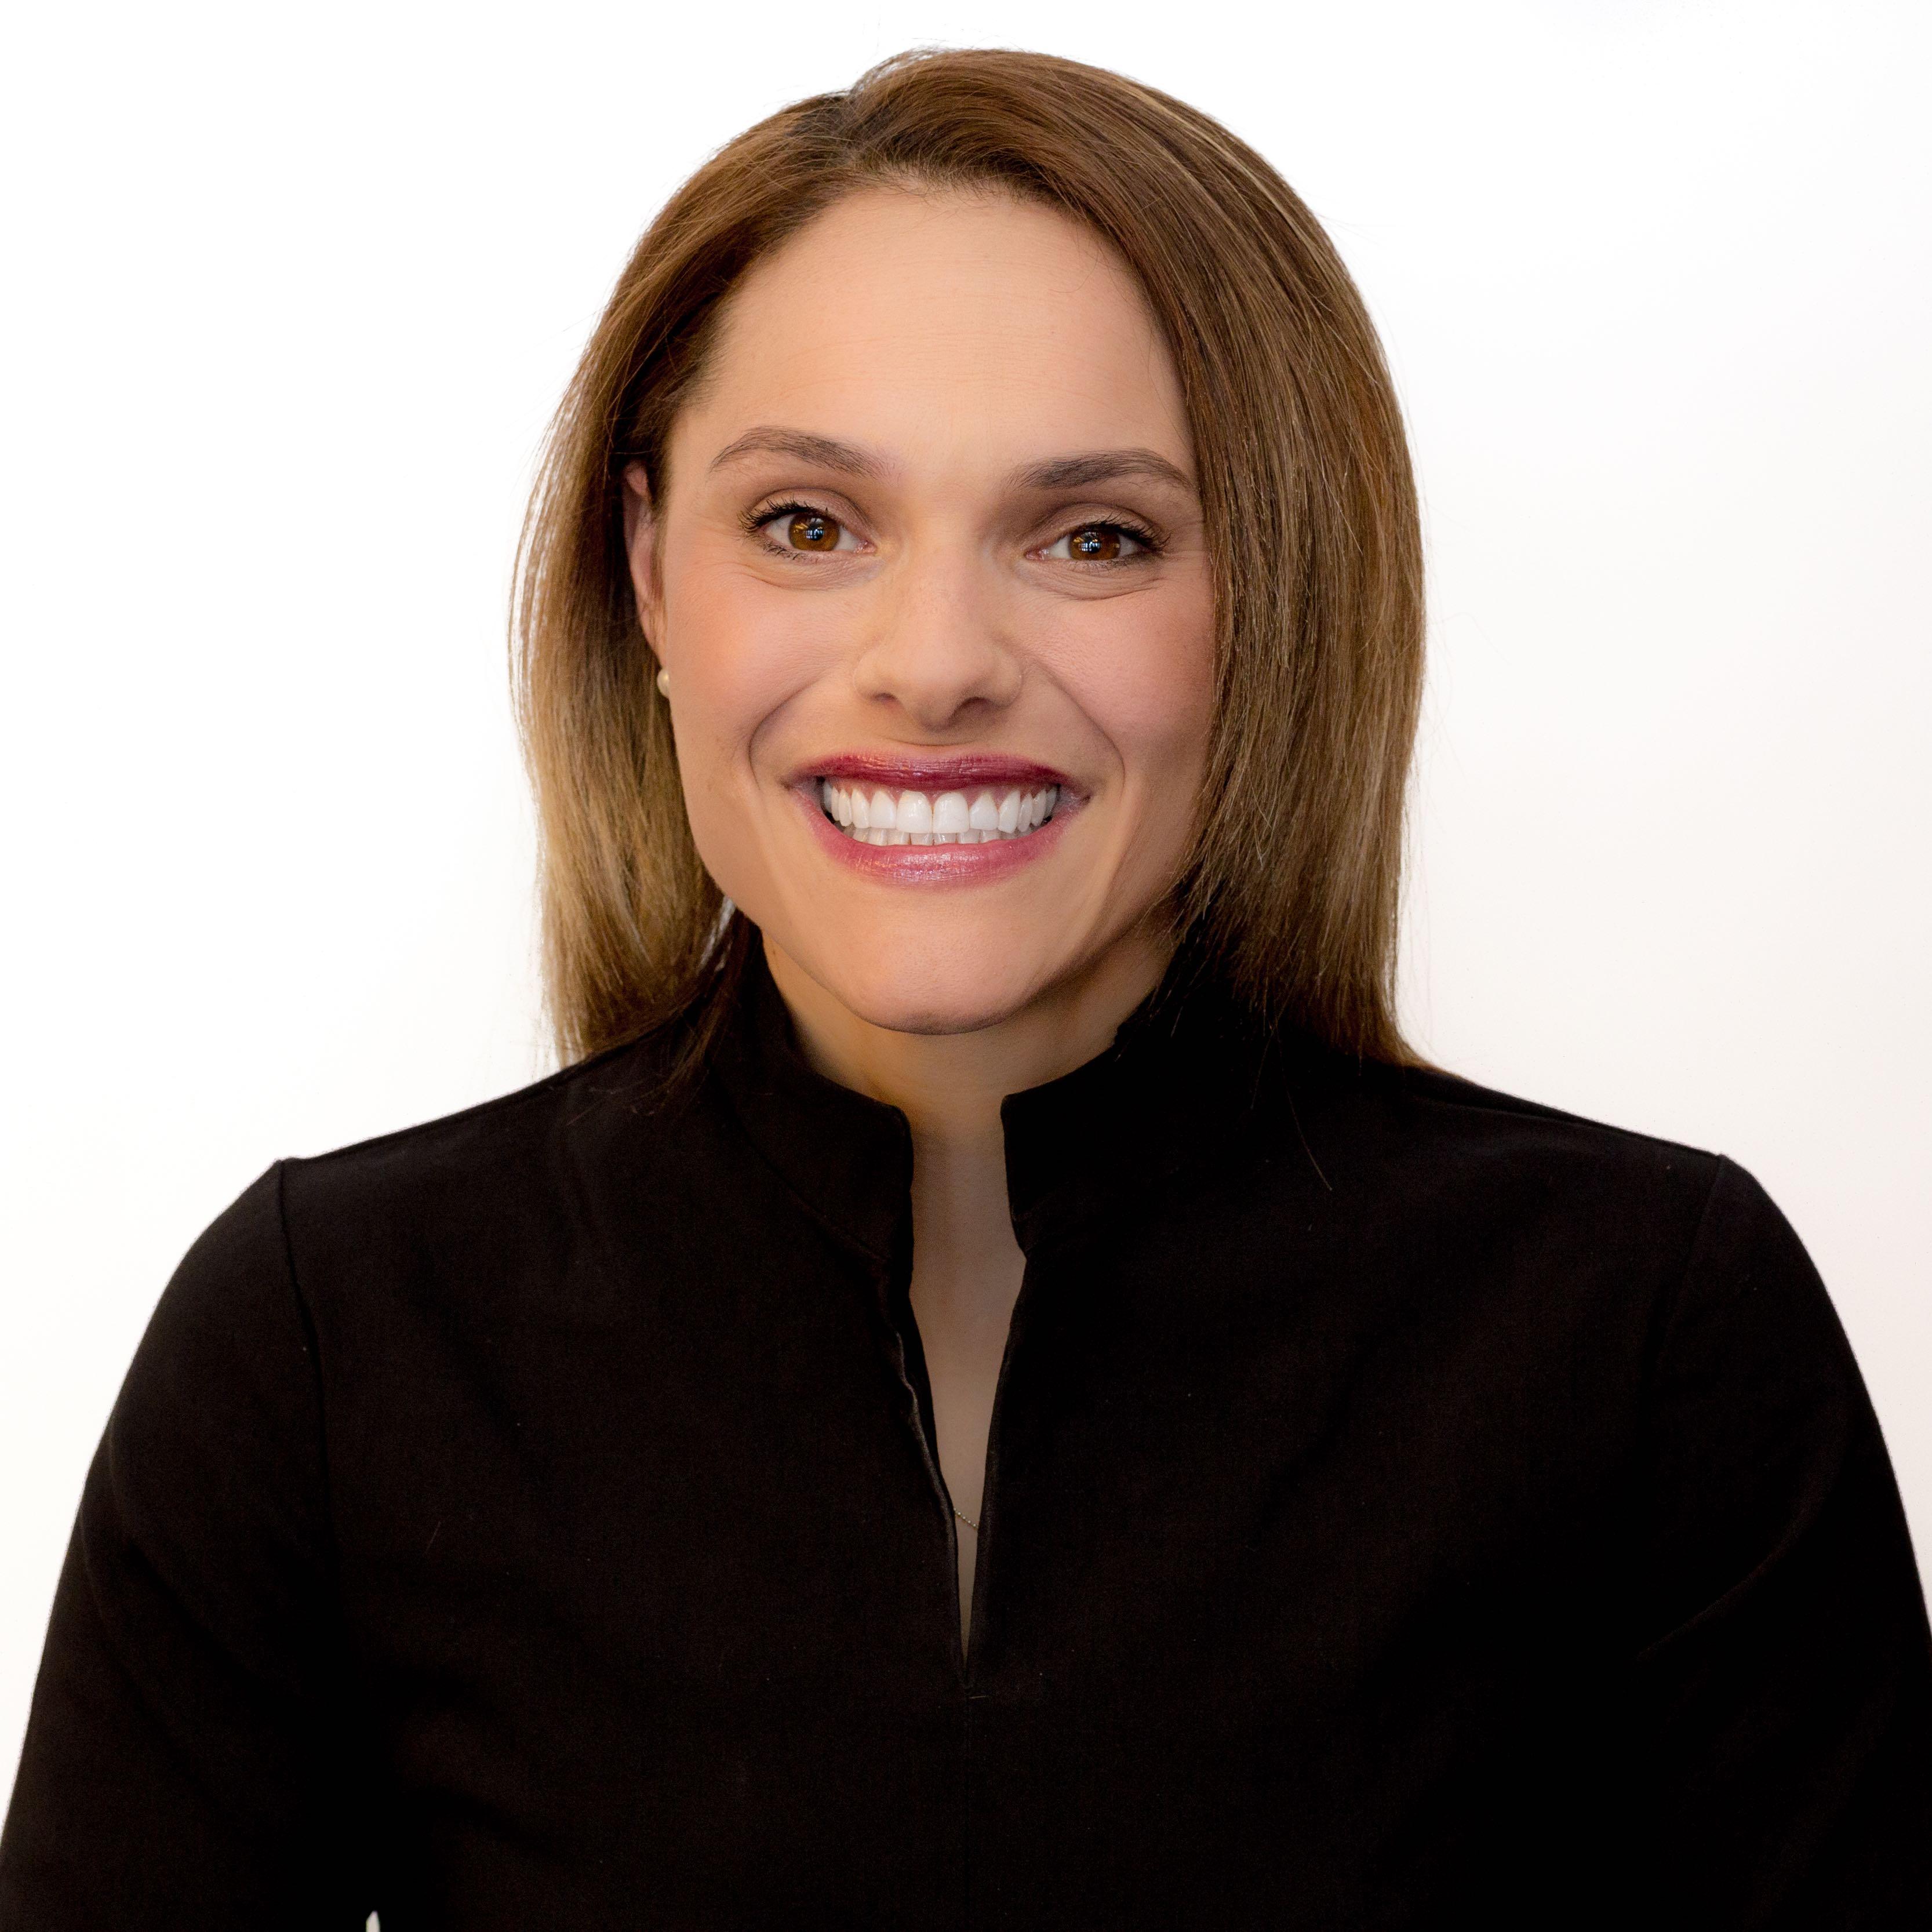 Lauren Crow